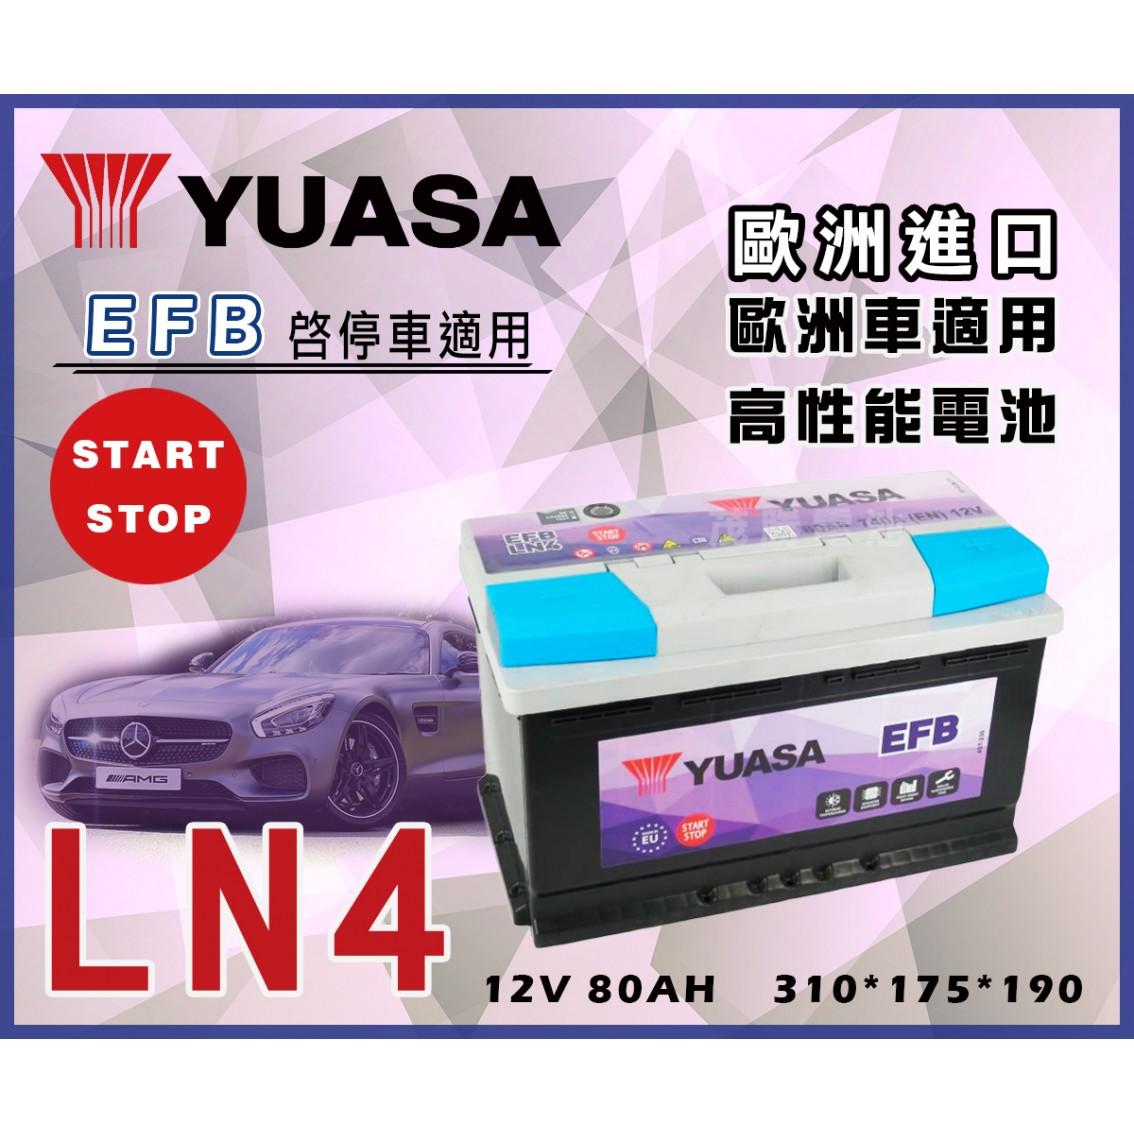 LN4-EFB